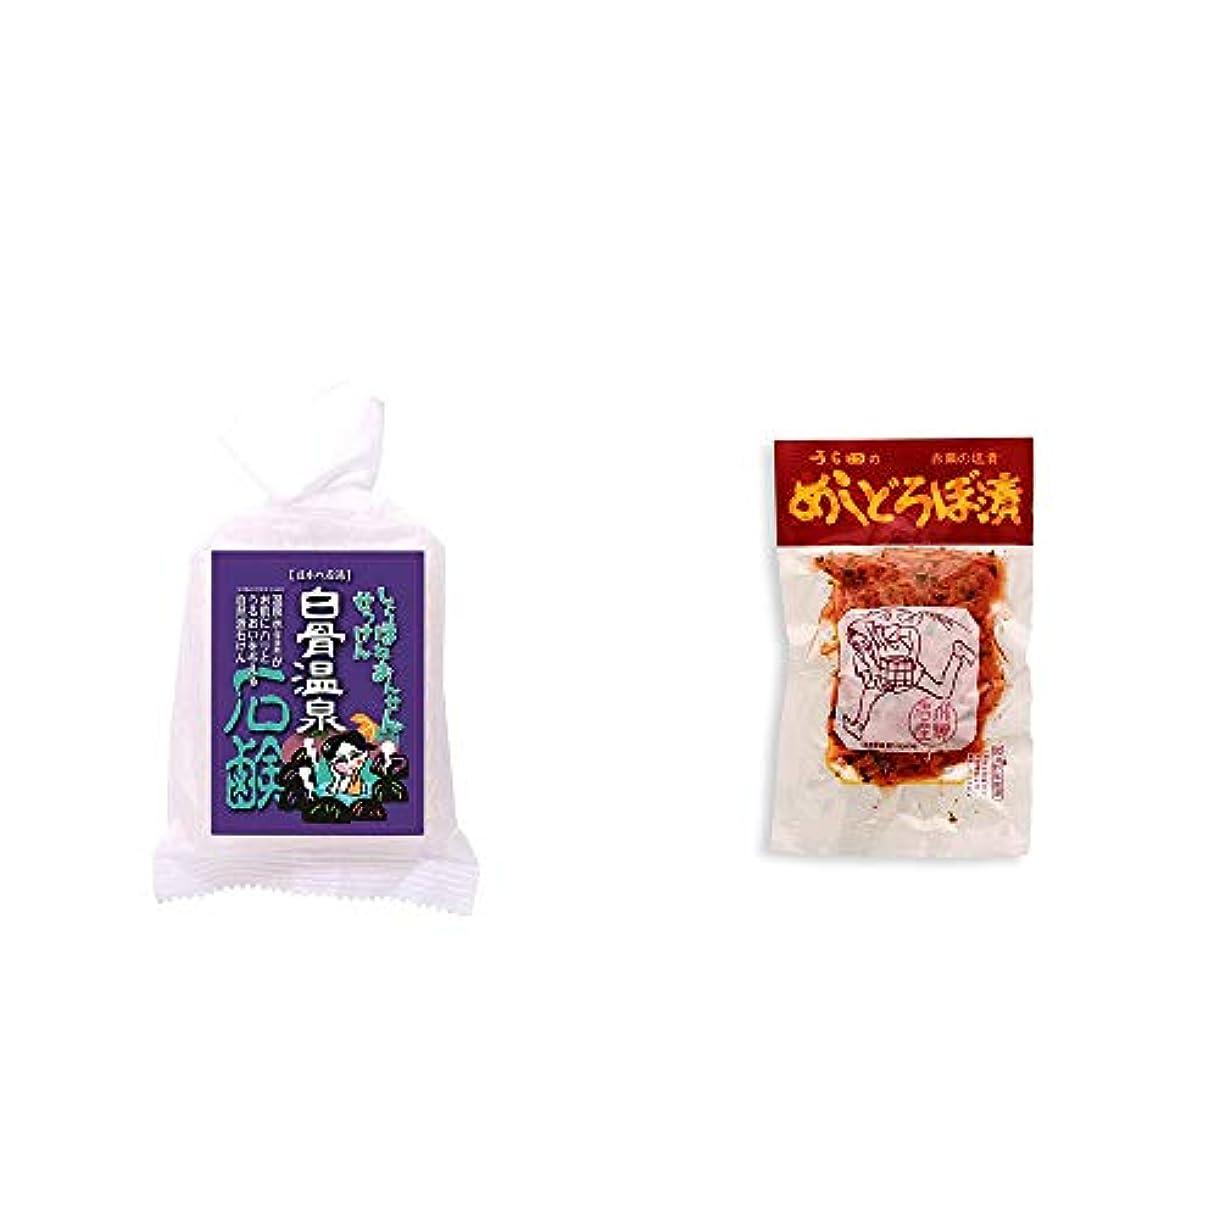 精査する選択によると[2点セット] 信州 白骨温泉石鹸(80g)?うら田 めしどろぼ漬(180g)